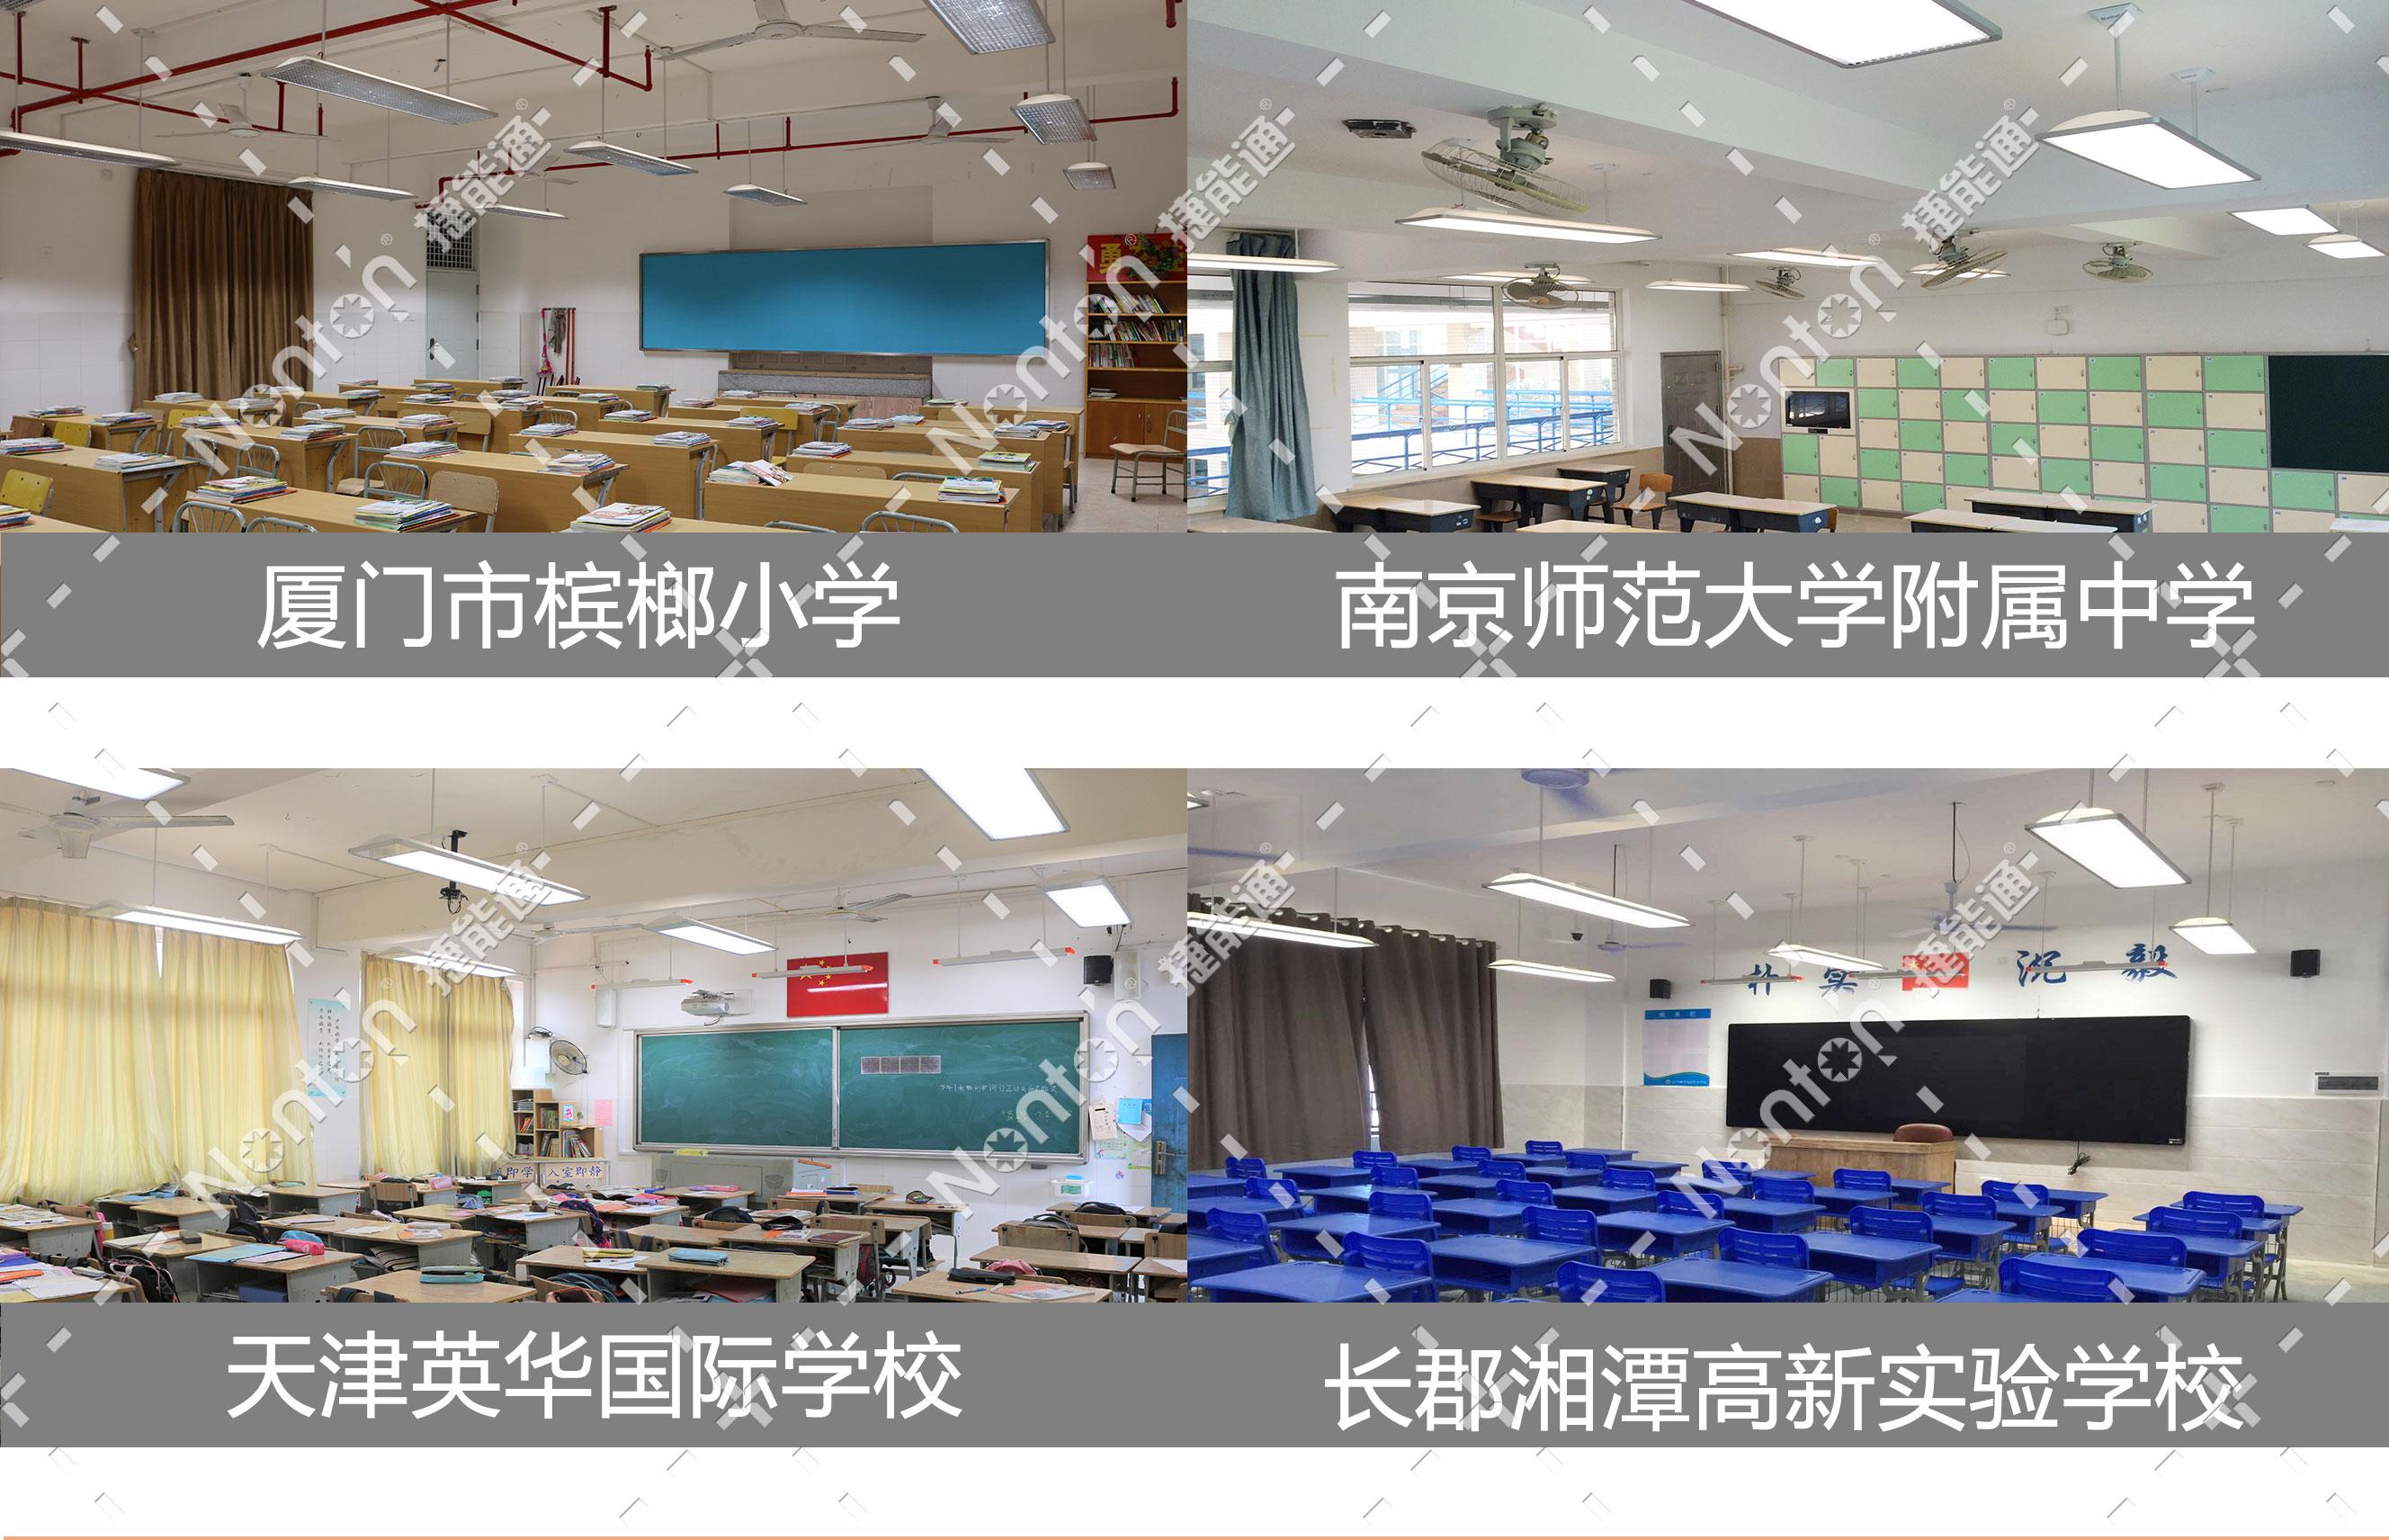 教室灯 LED智能音箱教室灯 学校专用灯 教室专用灯 学校节能改造 教育系统照明